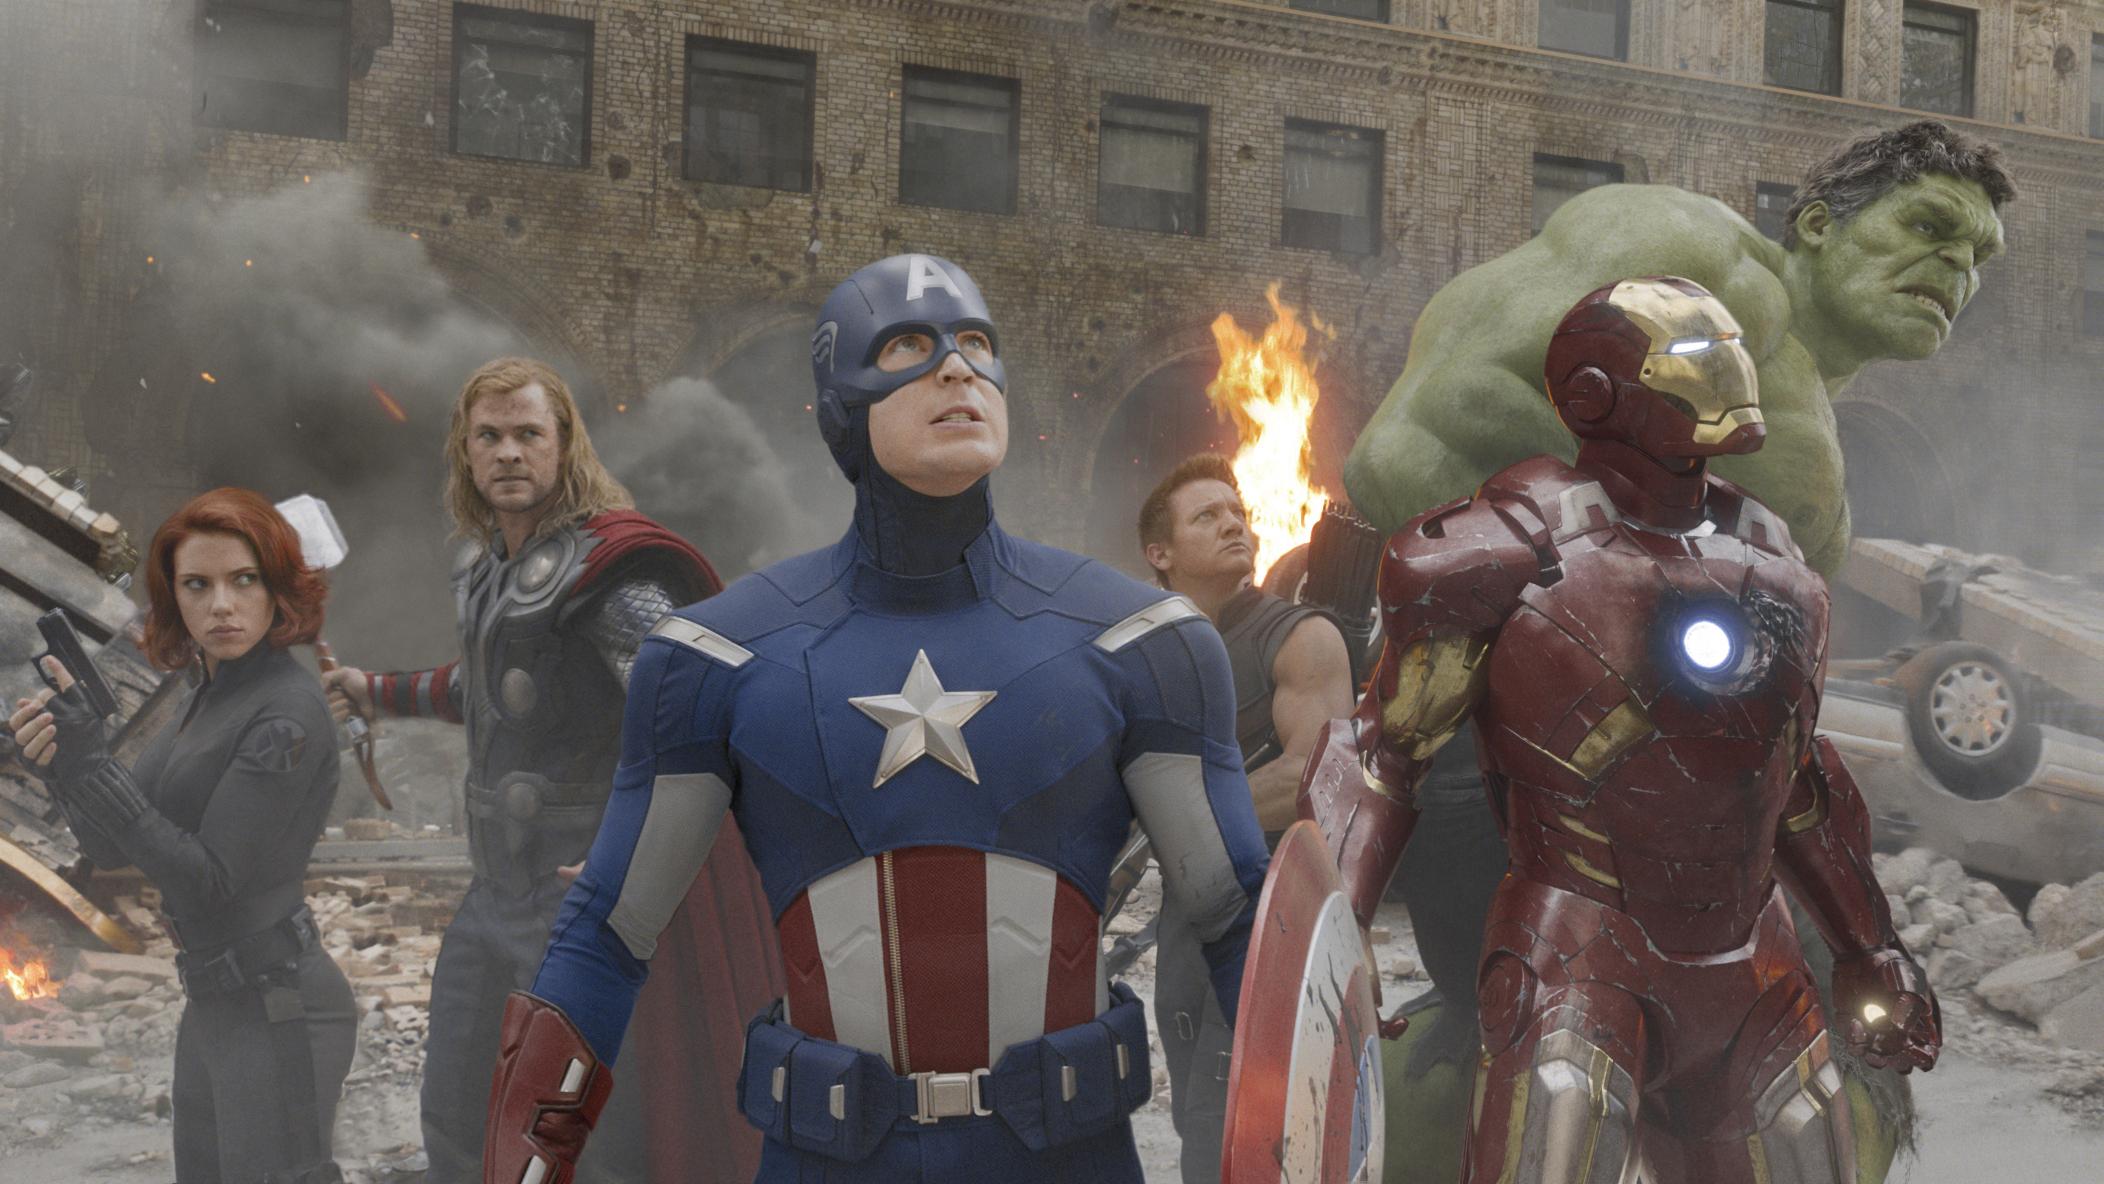 Avengers Worldwide Gross The Avengers